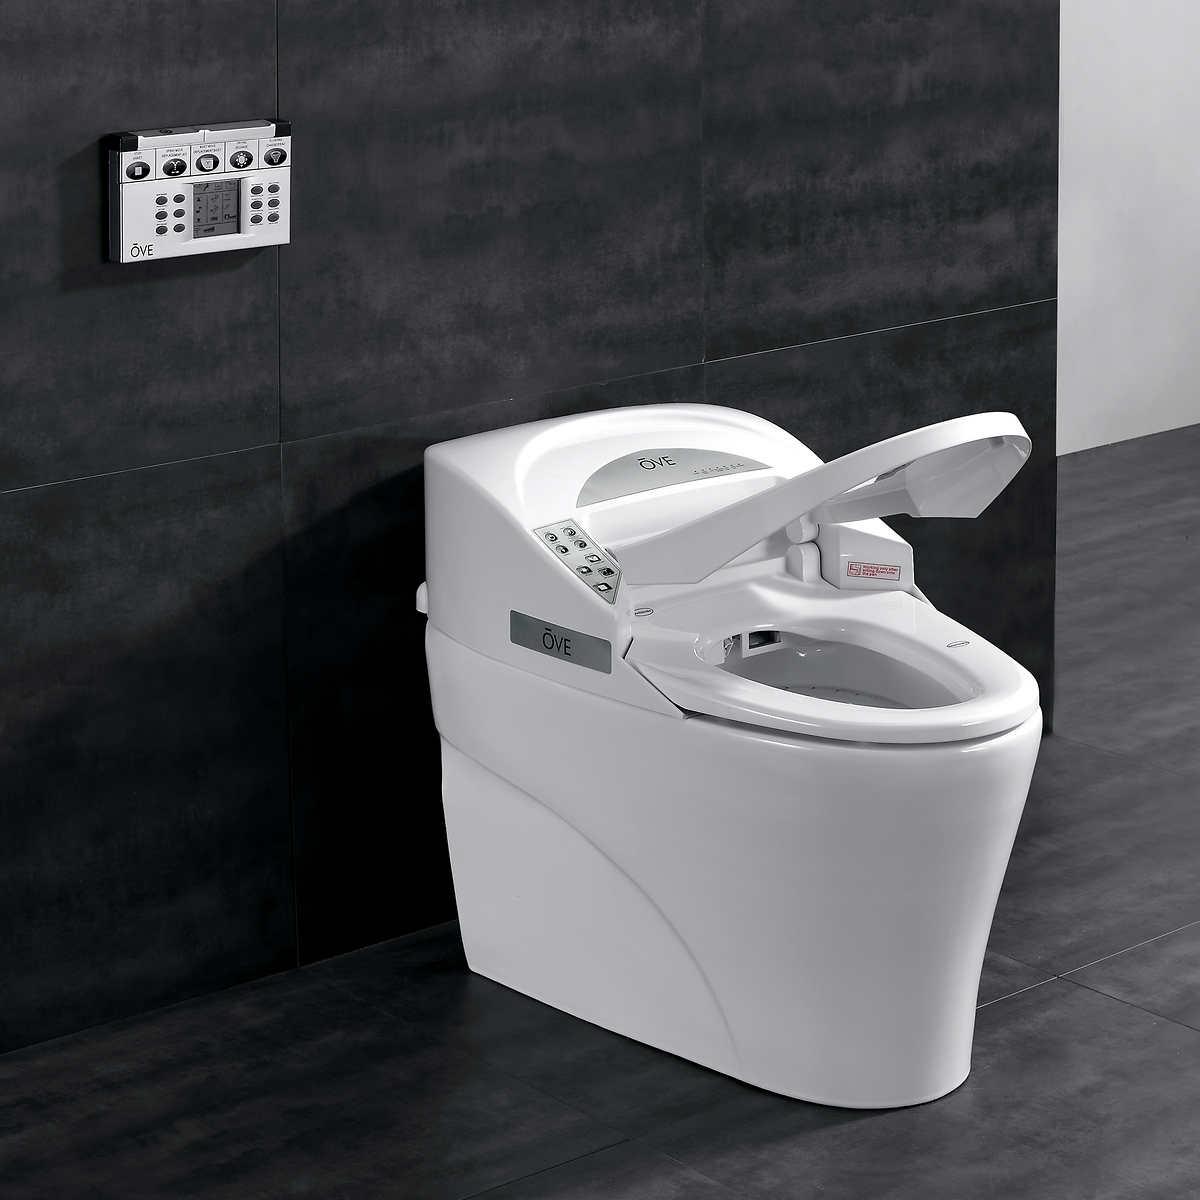 Toilets Costco - White toilet with black seat